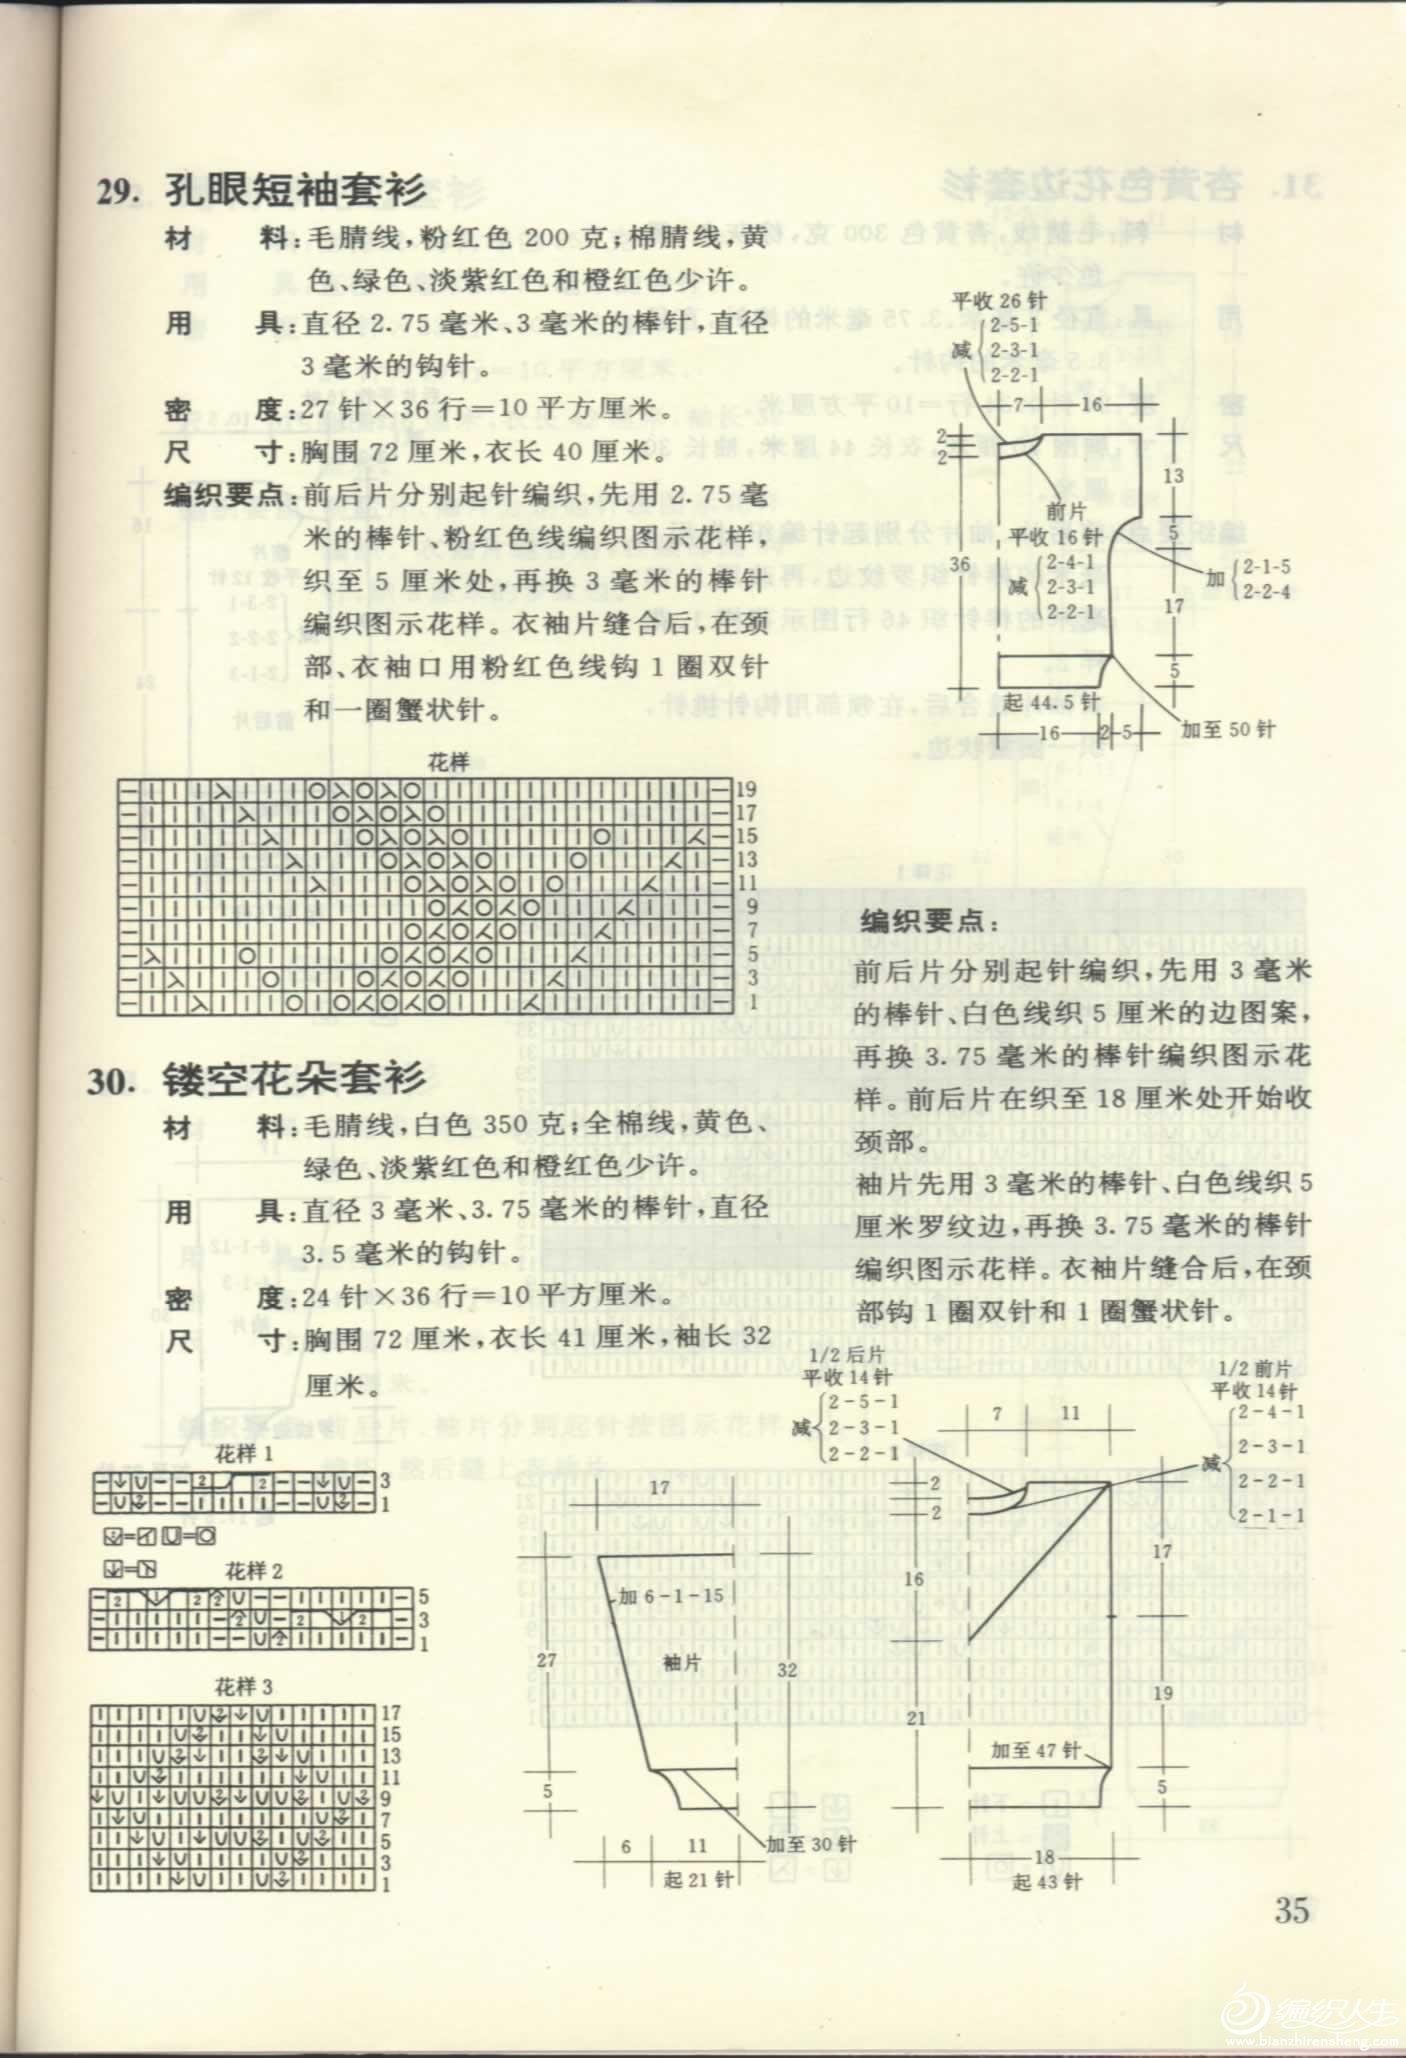 33_19114.jpg